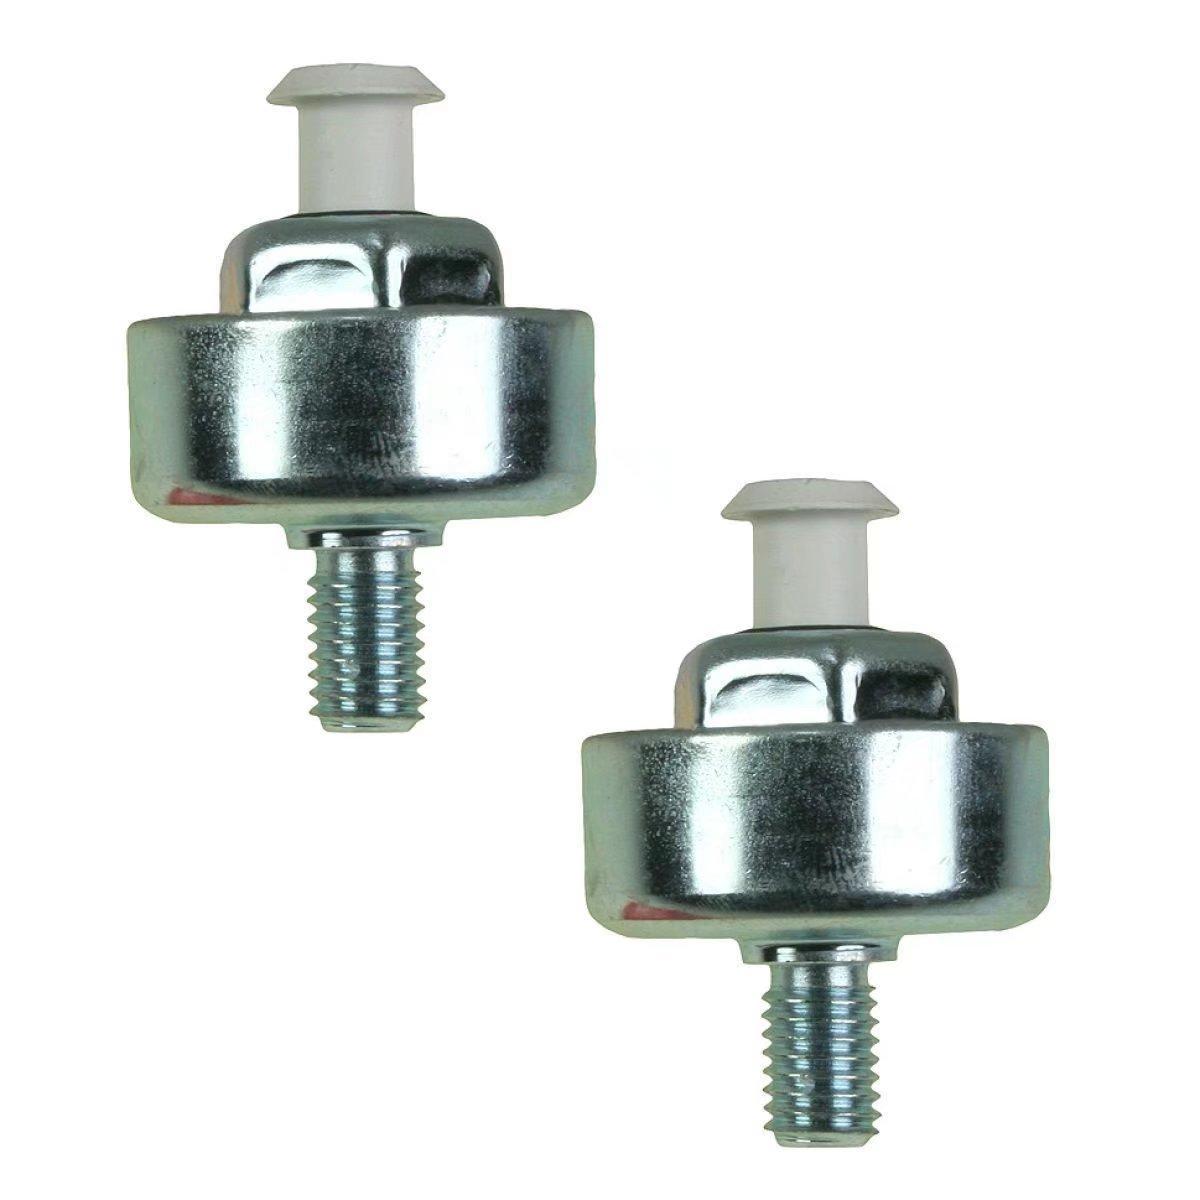 HonsCreat 10456603 AS10017 Ignition Knock Detonation Sensor For GM 213-3521